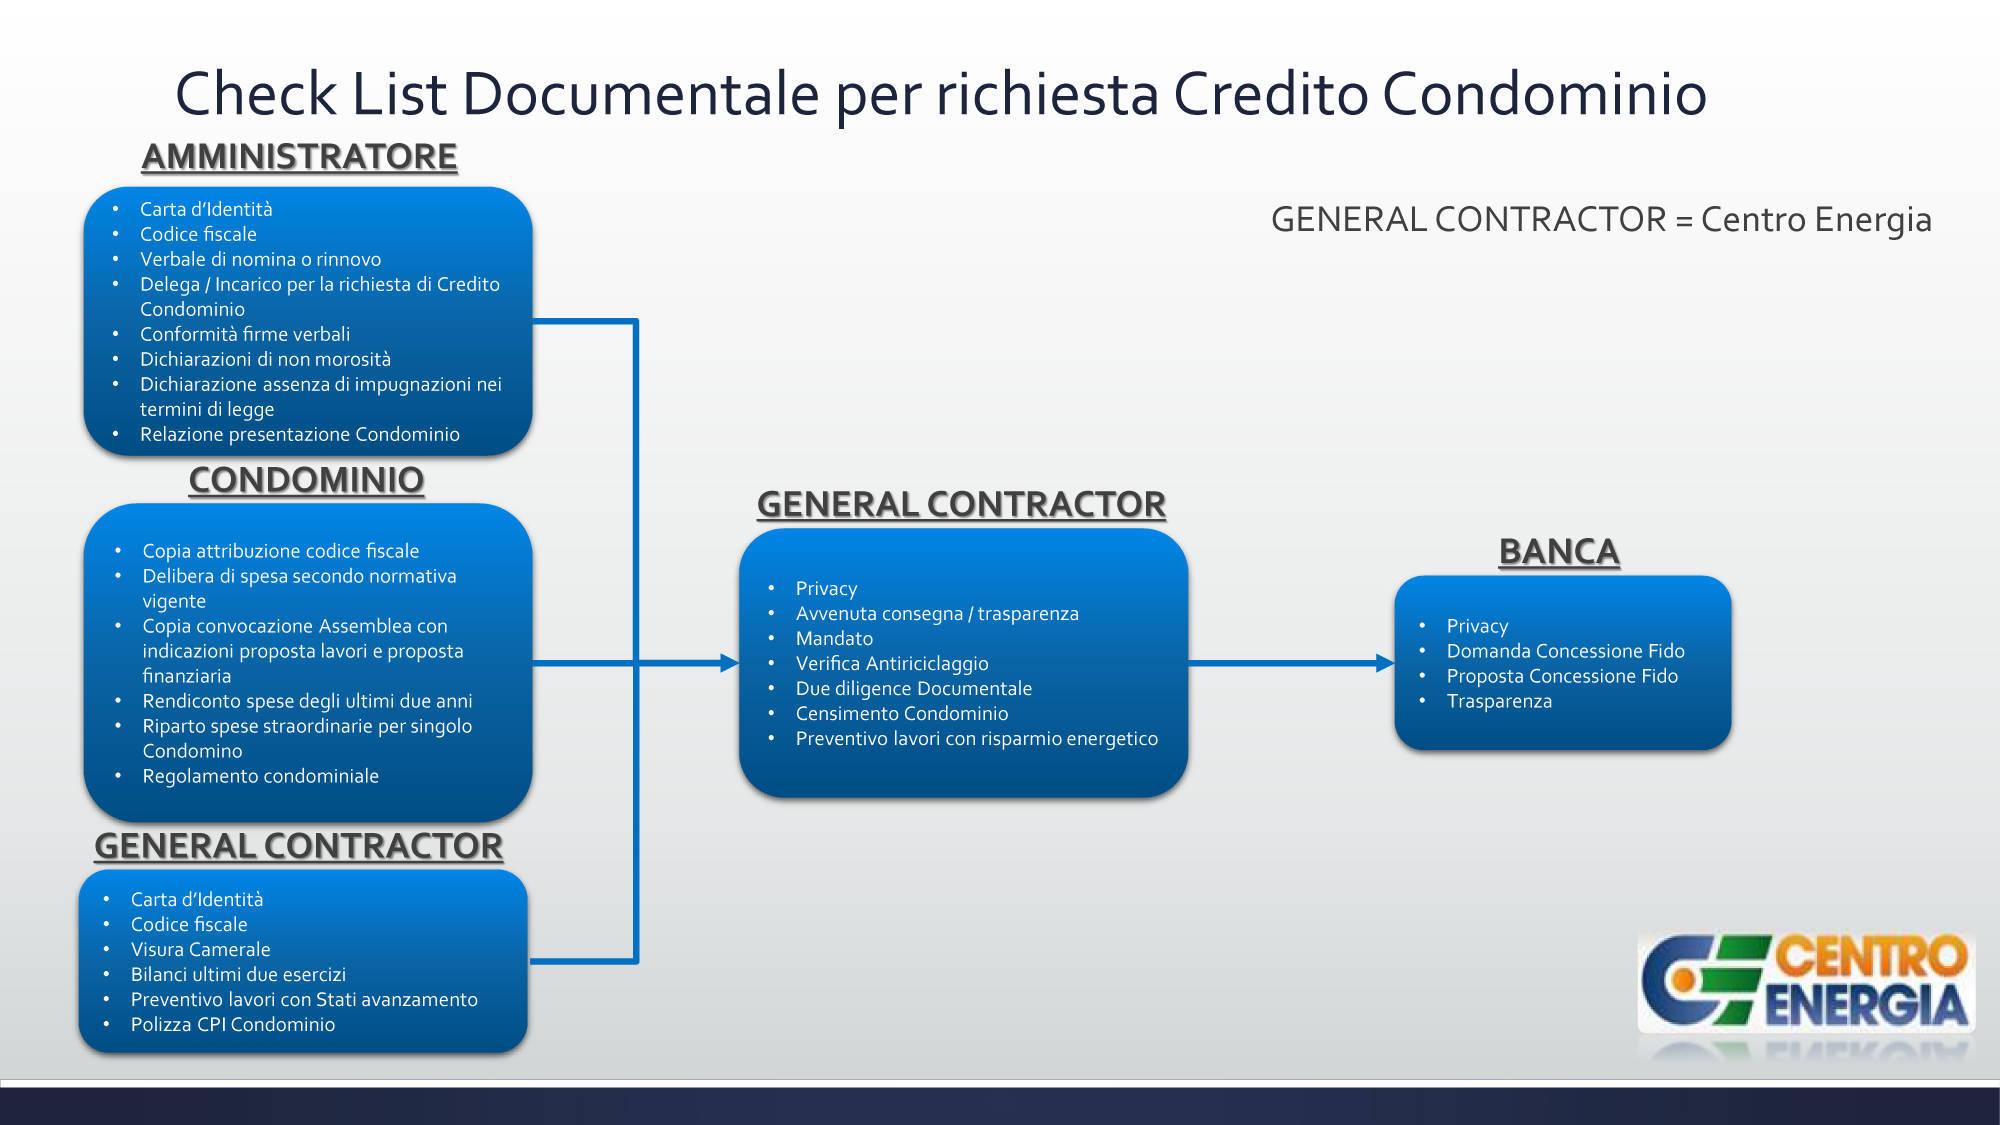 Check-List-Documentale-per-richiesta-Credito_Hq